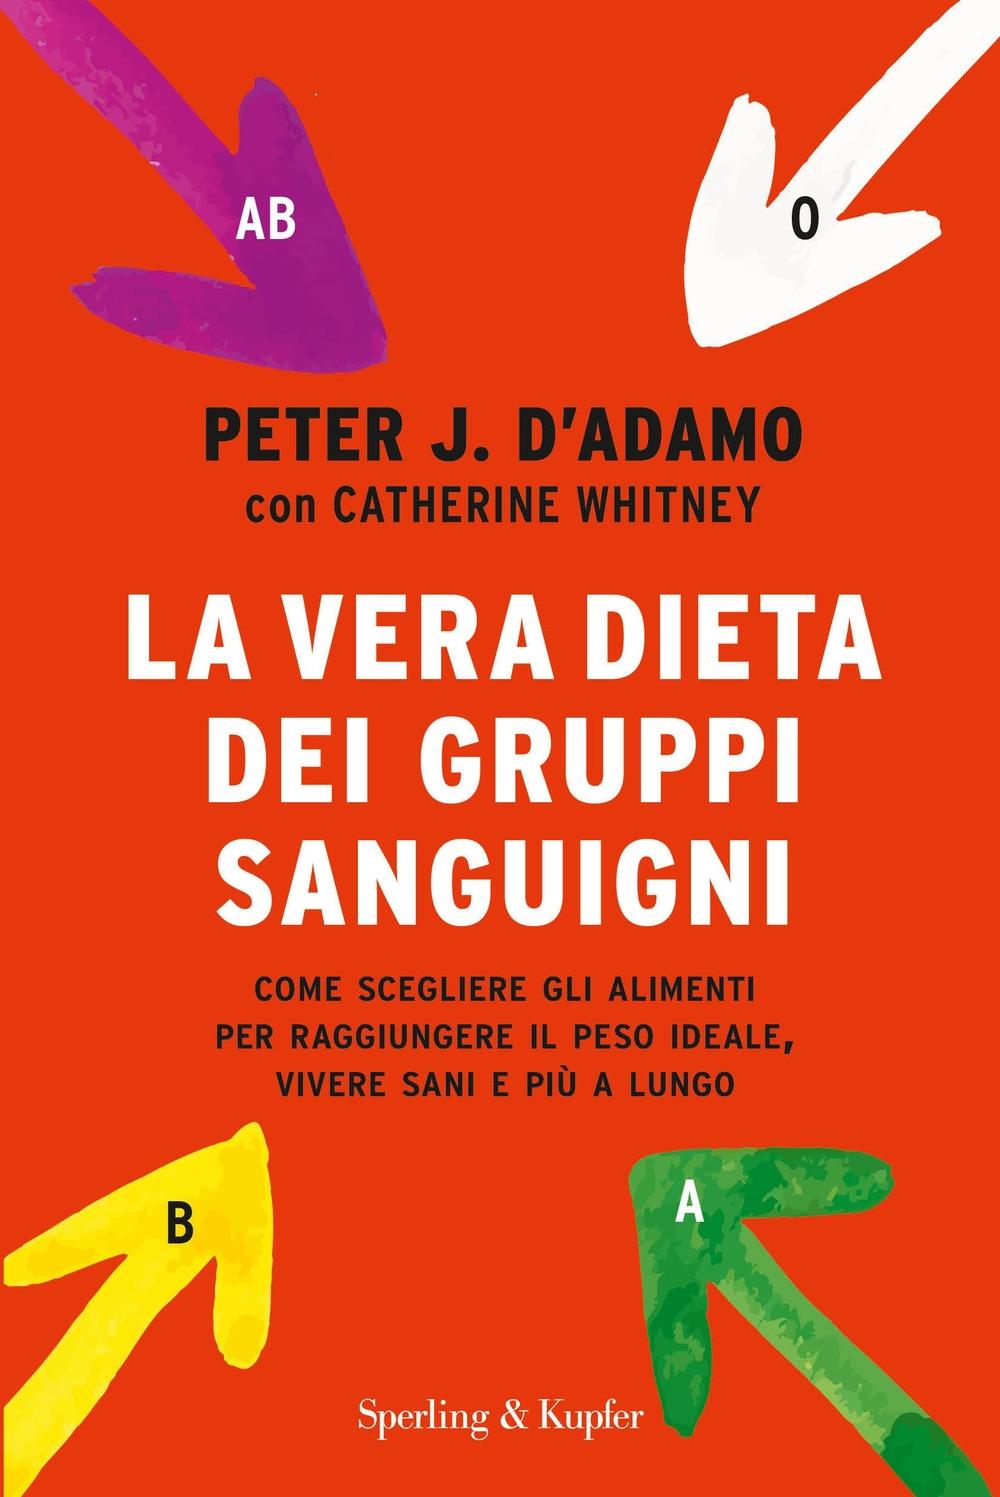 La dieta dei gruppi sanguigni. Come scegliere e abbinare gli alimenti.